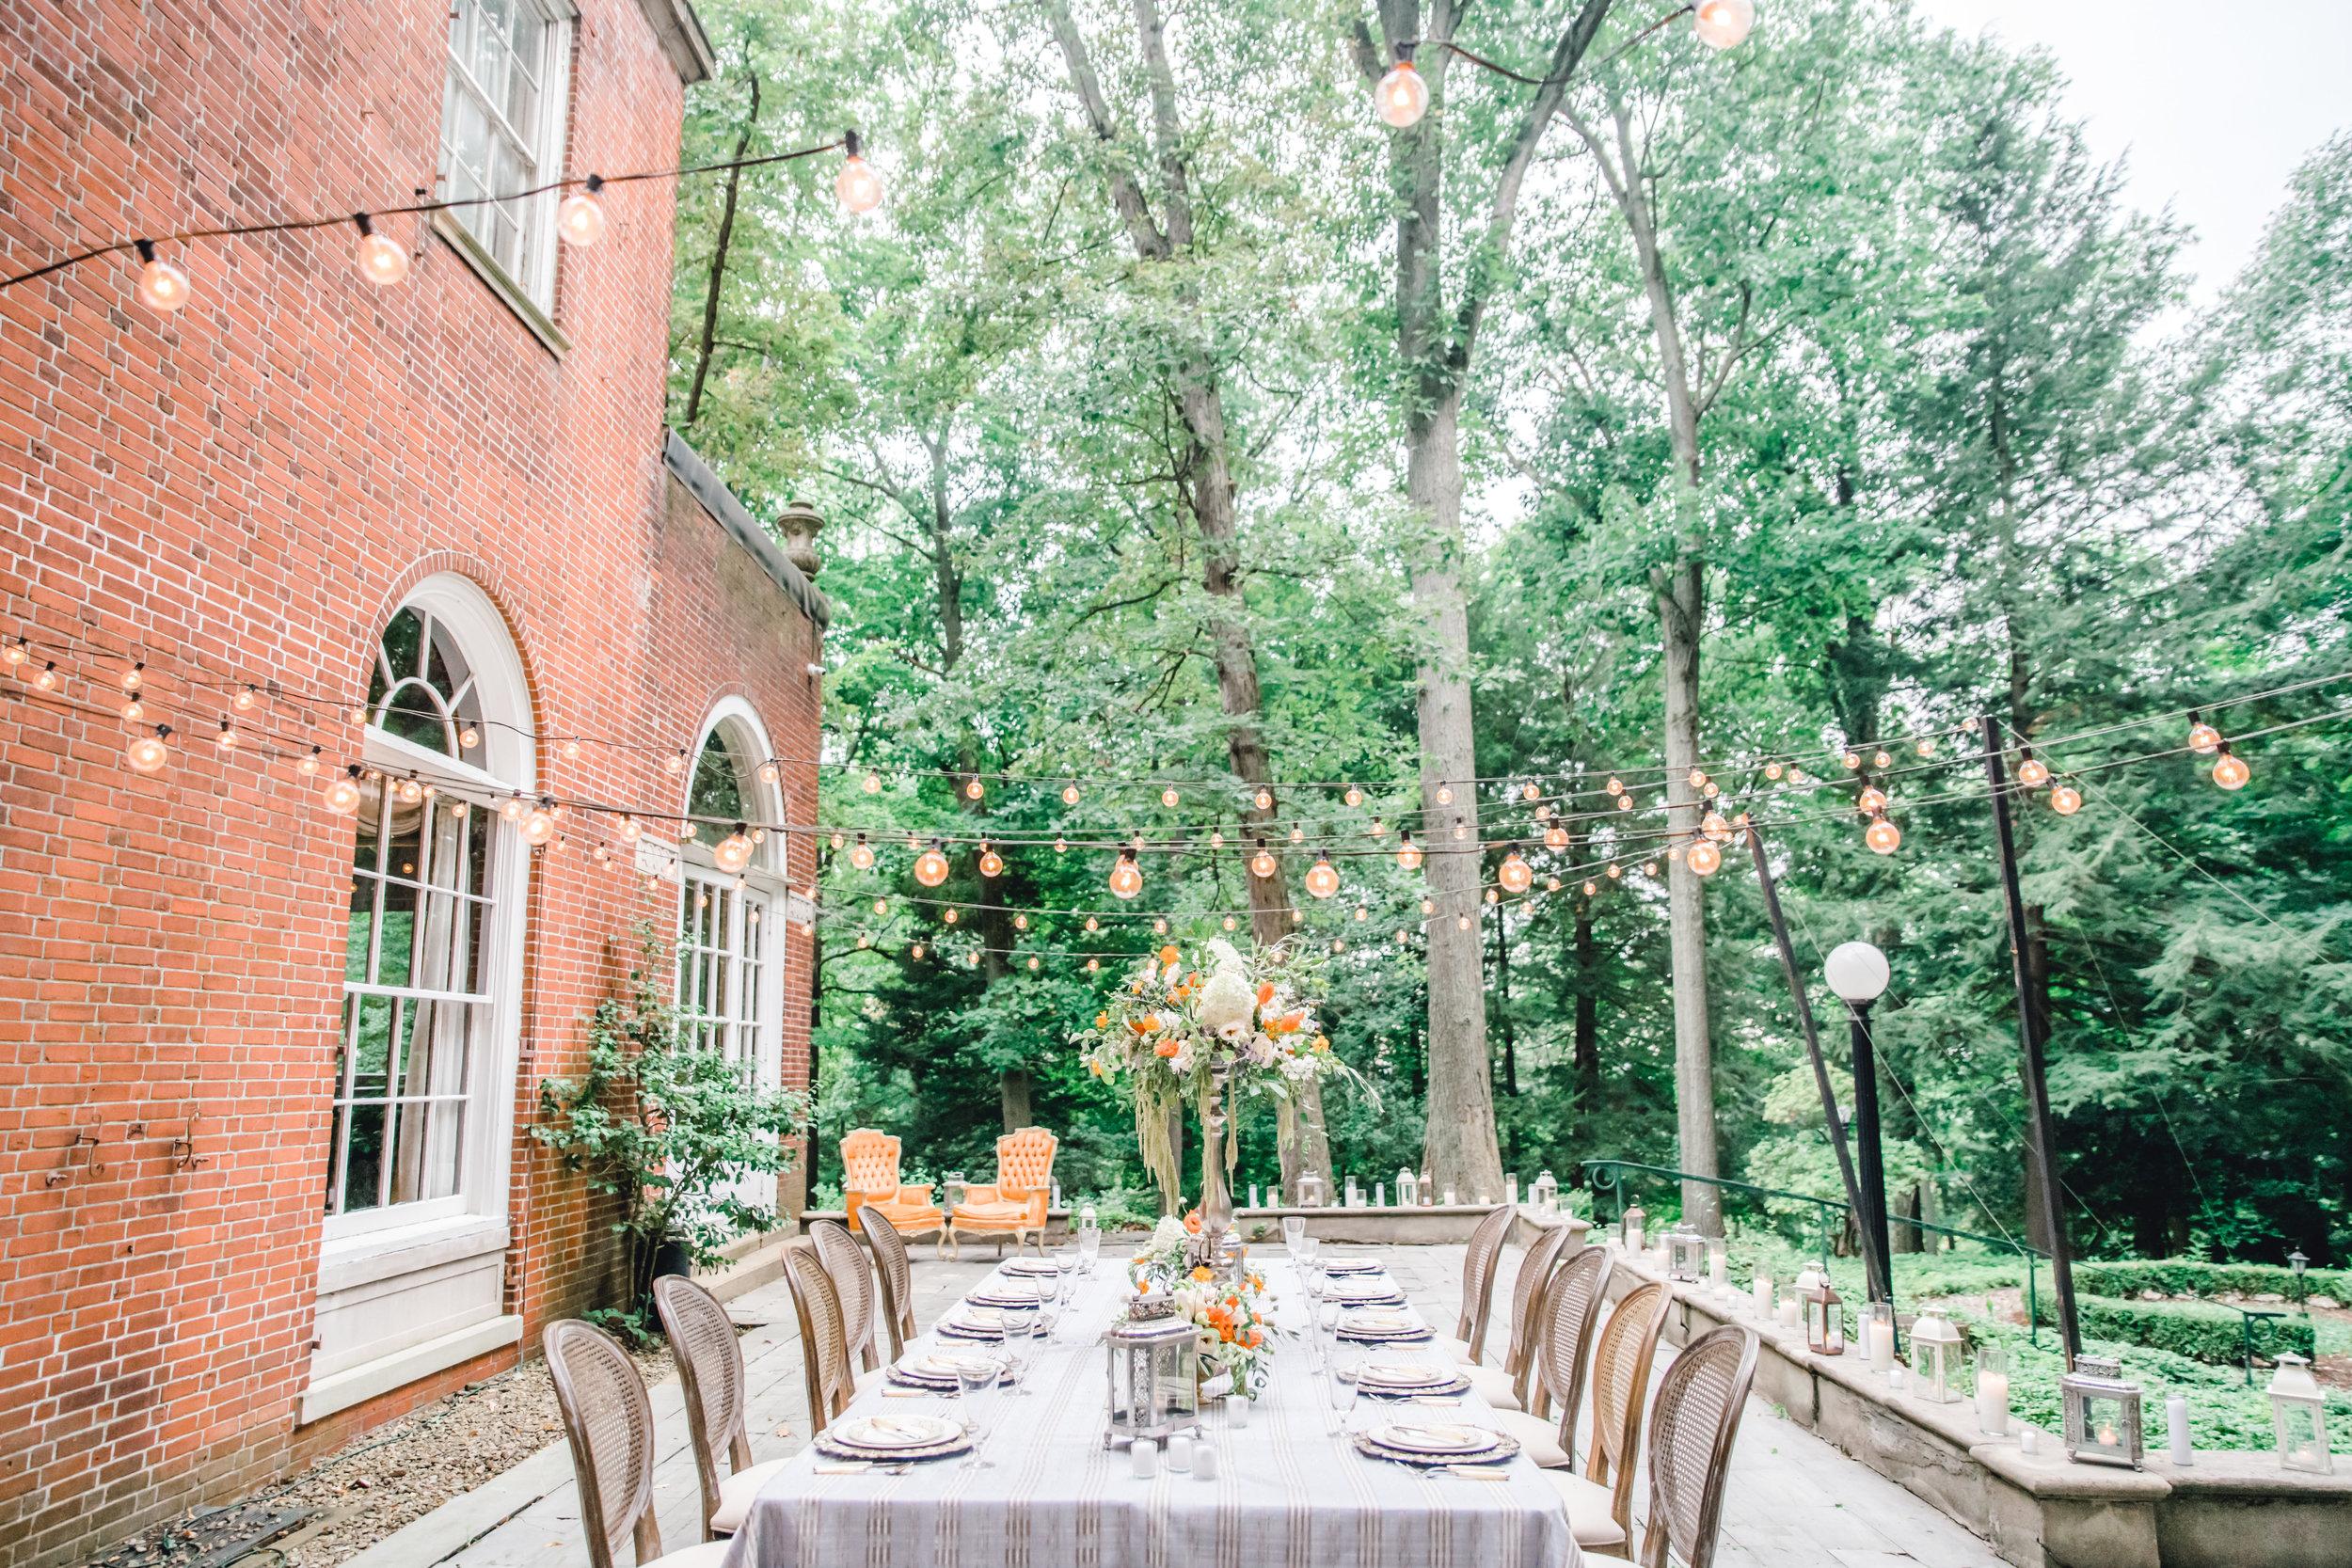 Jessica-Garda-Events-Pittsburgh-Wedding-Planner-Mansion-Butler-Blue-Grey-Orange-Palette (18).jpg